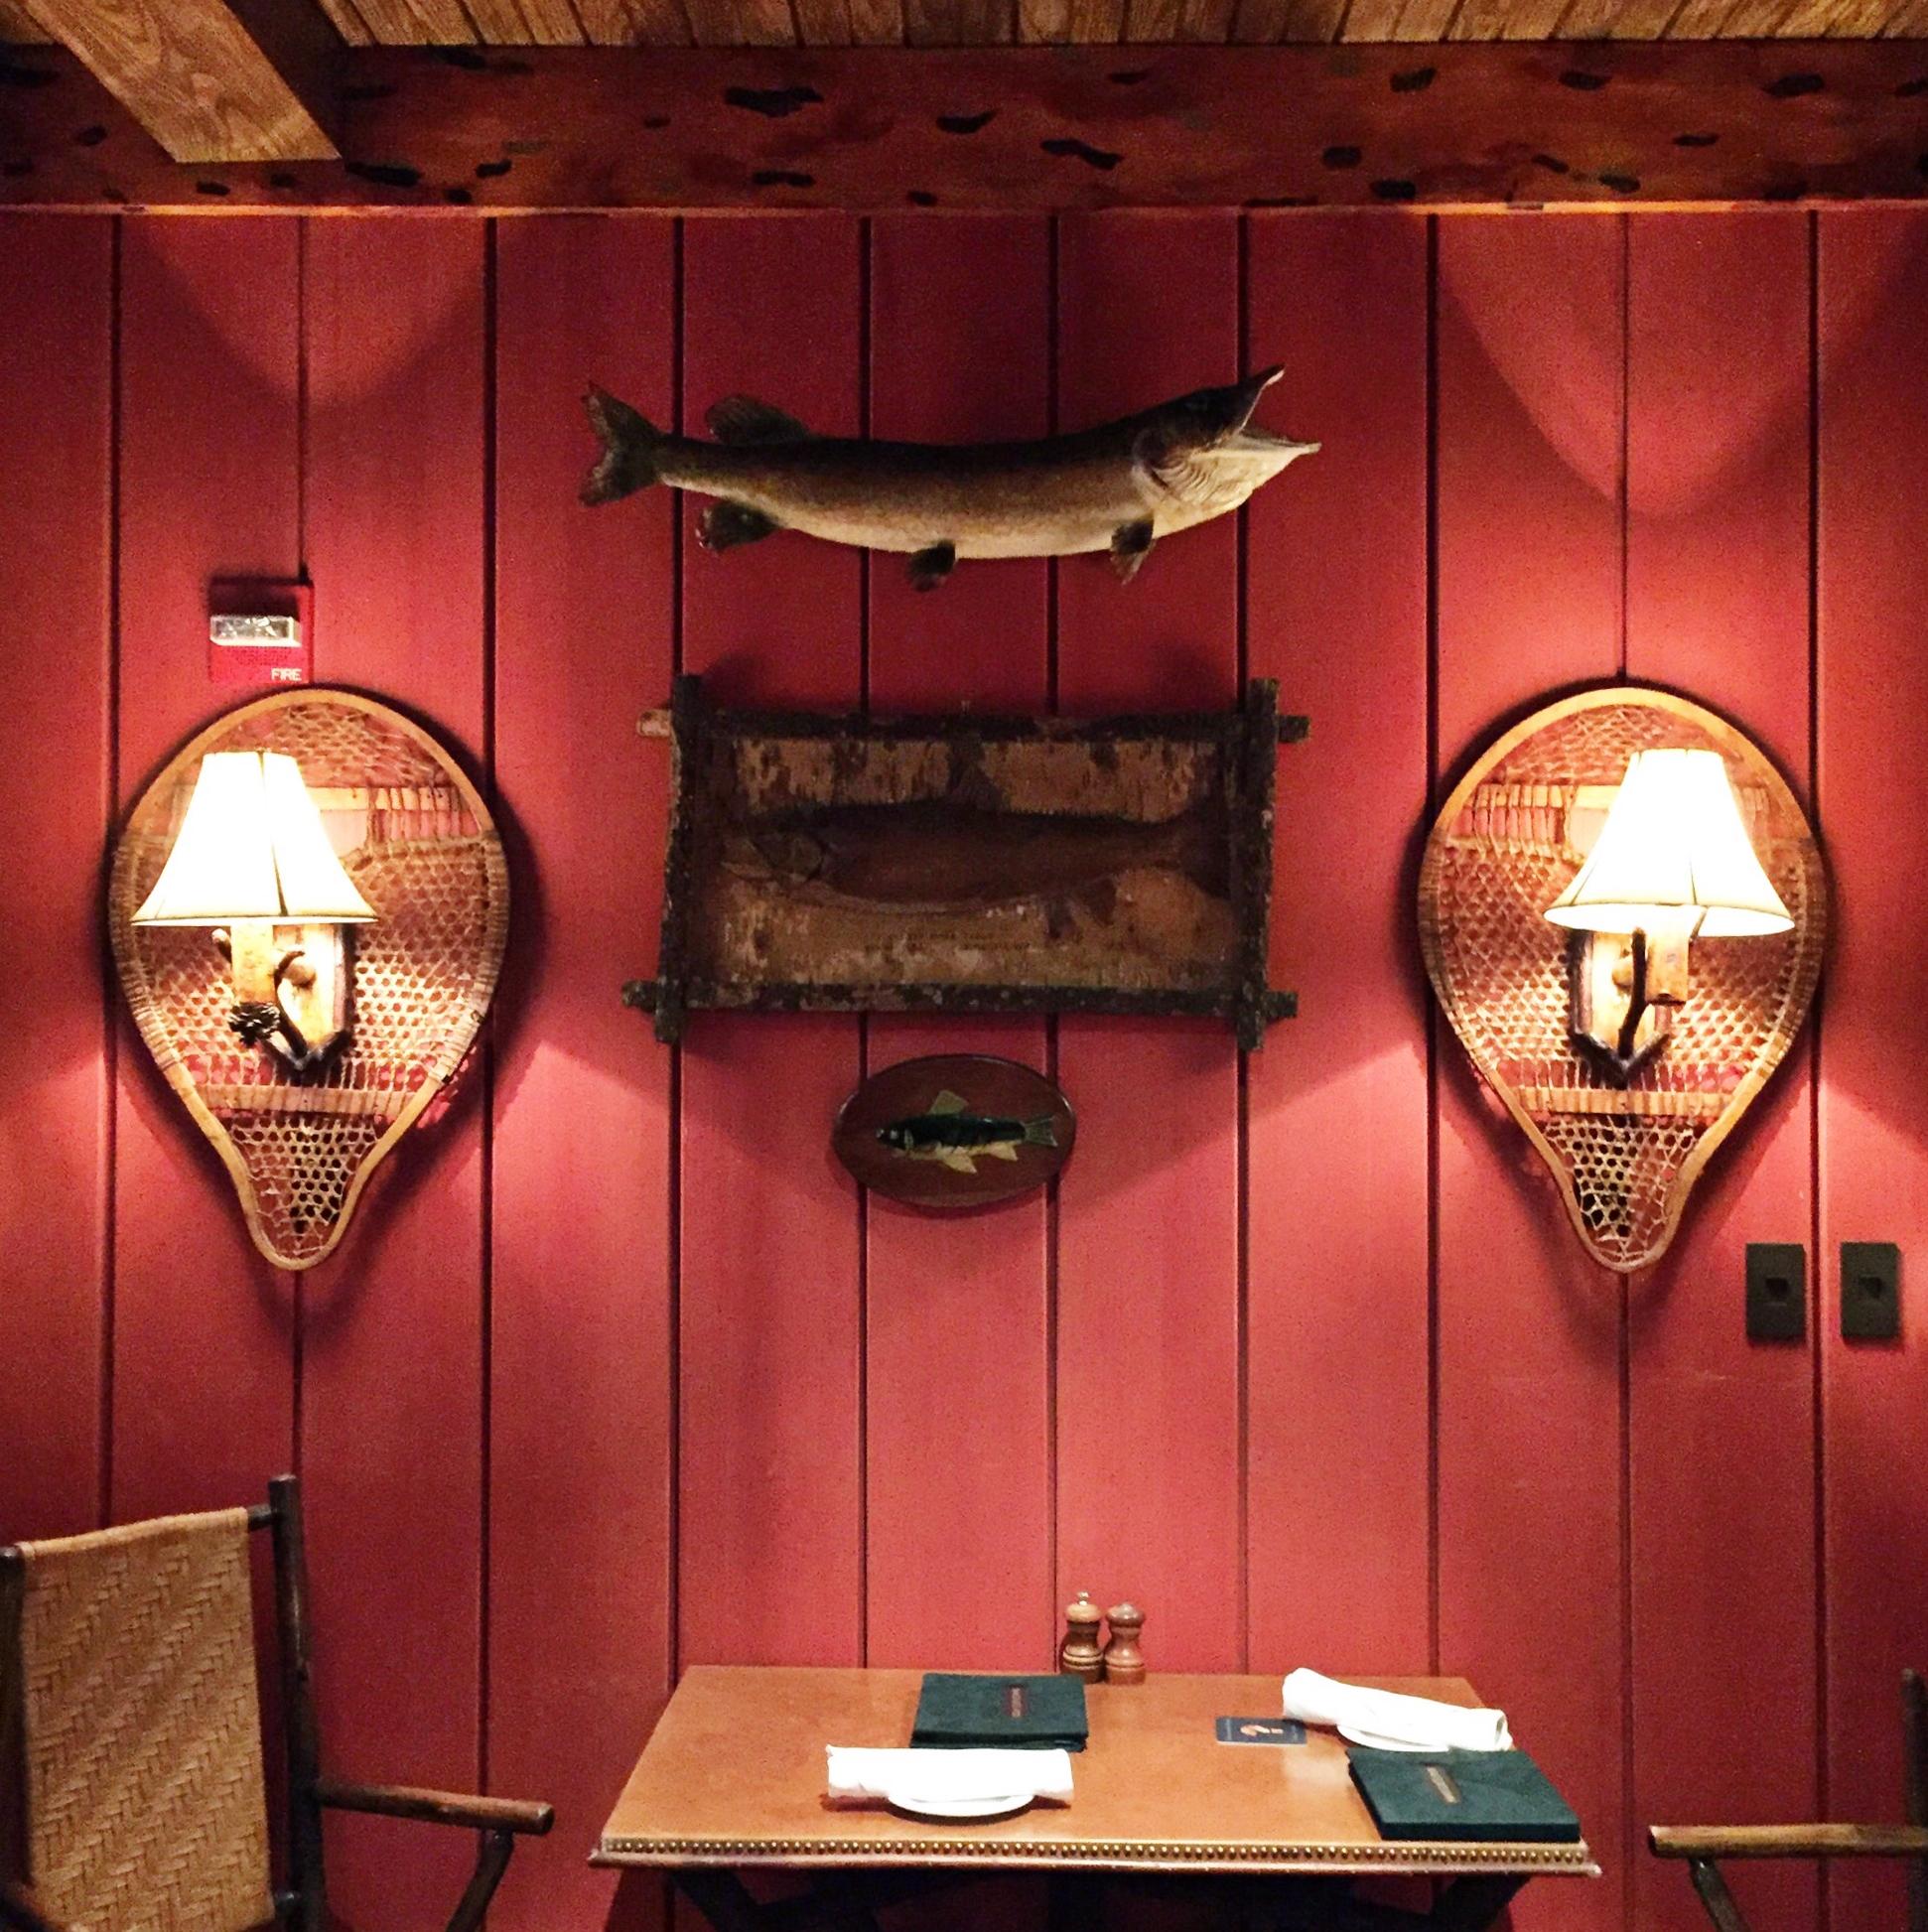 Lake Placid Lodge - The Pastiche